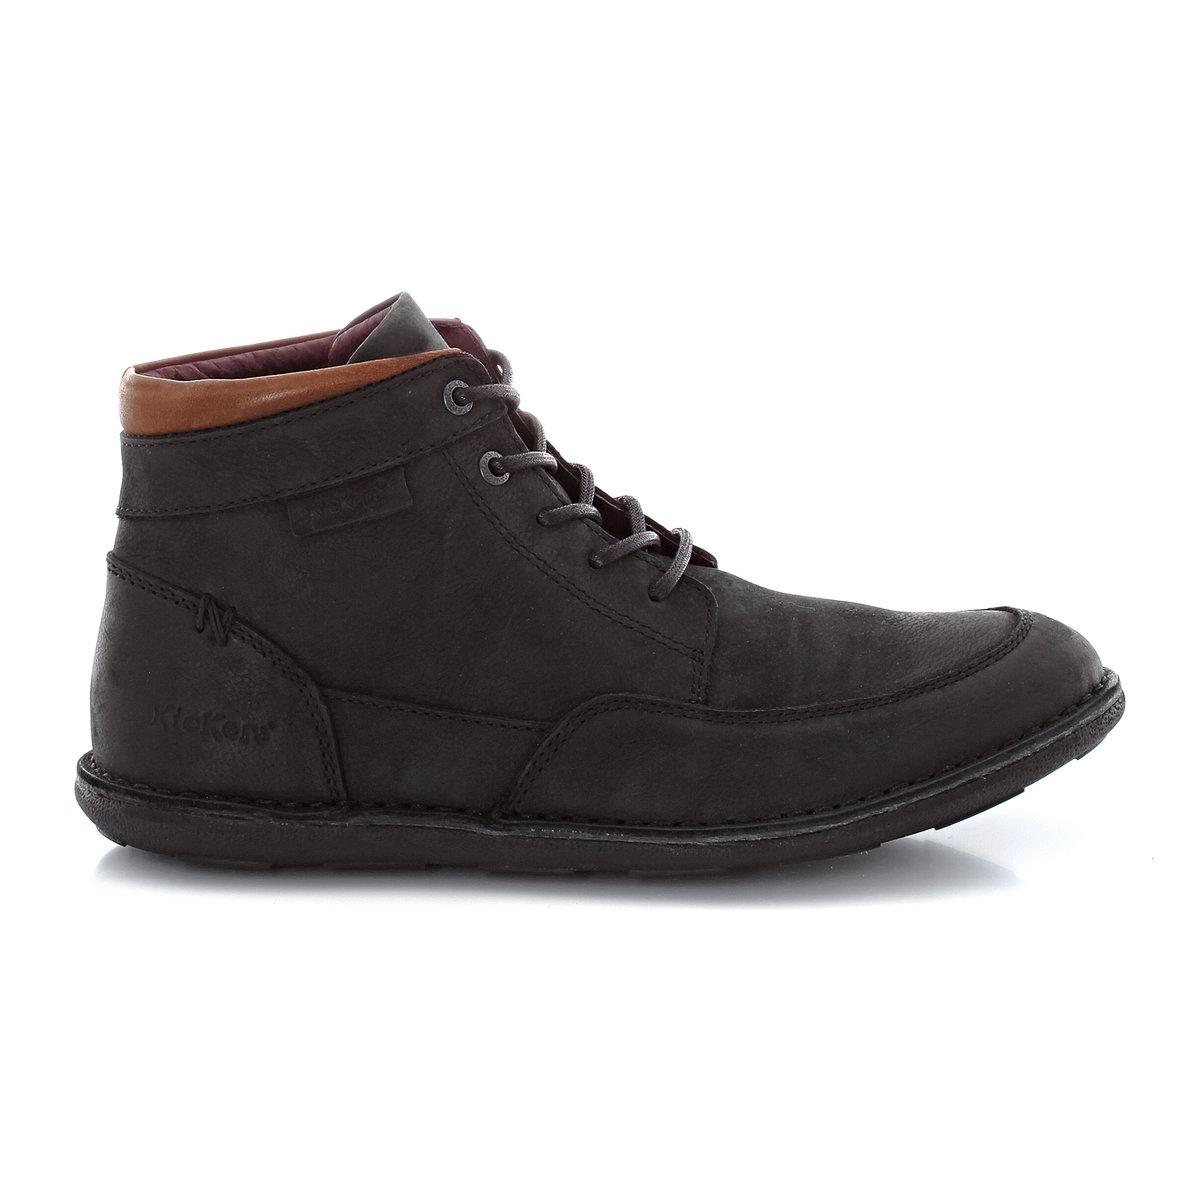 Ботинки из кожи со шнуровкой kickers 3 benched